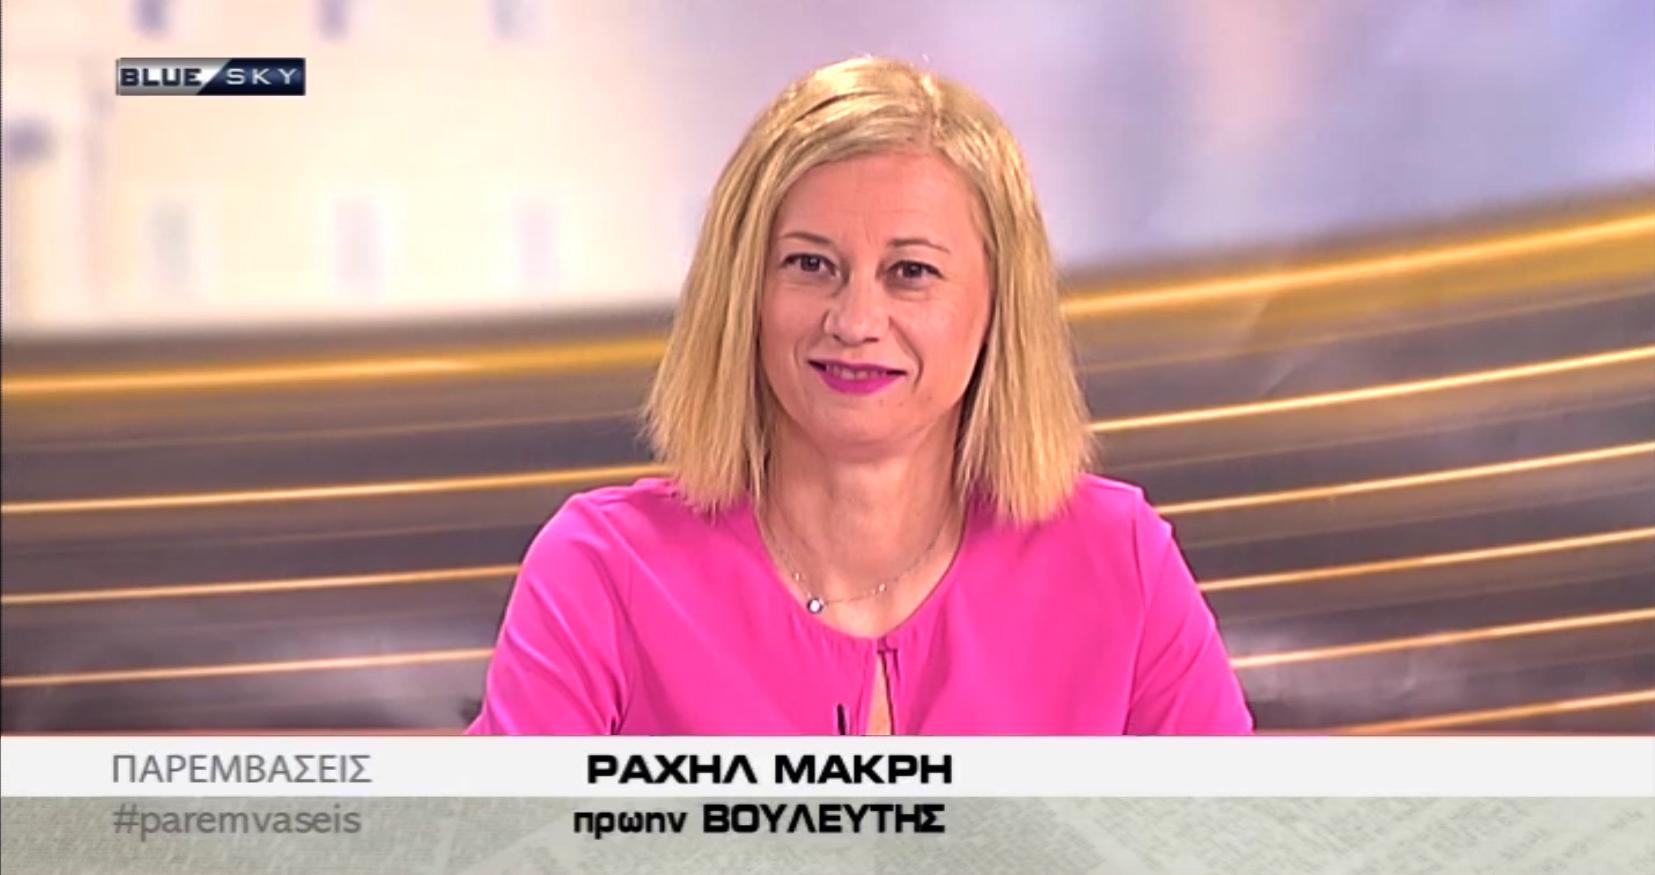 Η Ραχήλ Μακρή στην εκπομπή «Παρεμβάσεις» με τον Κώστα Χαρδαβέλλα στο Bluesky | 07.08.2019